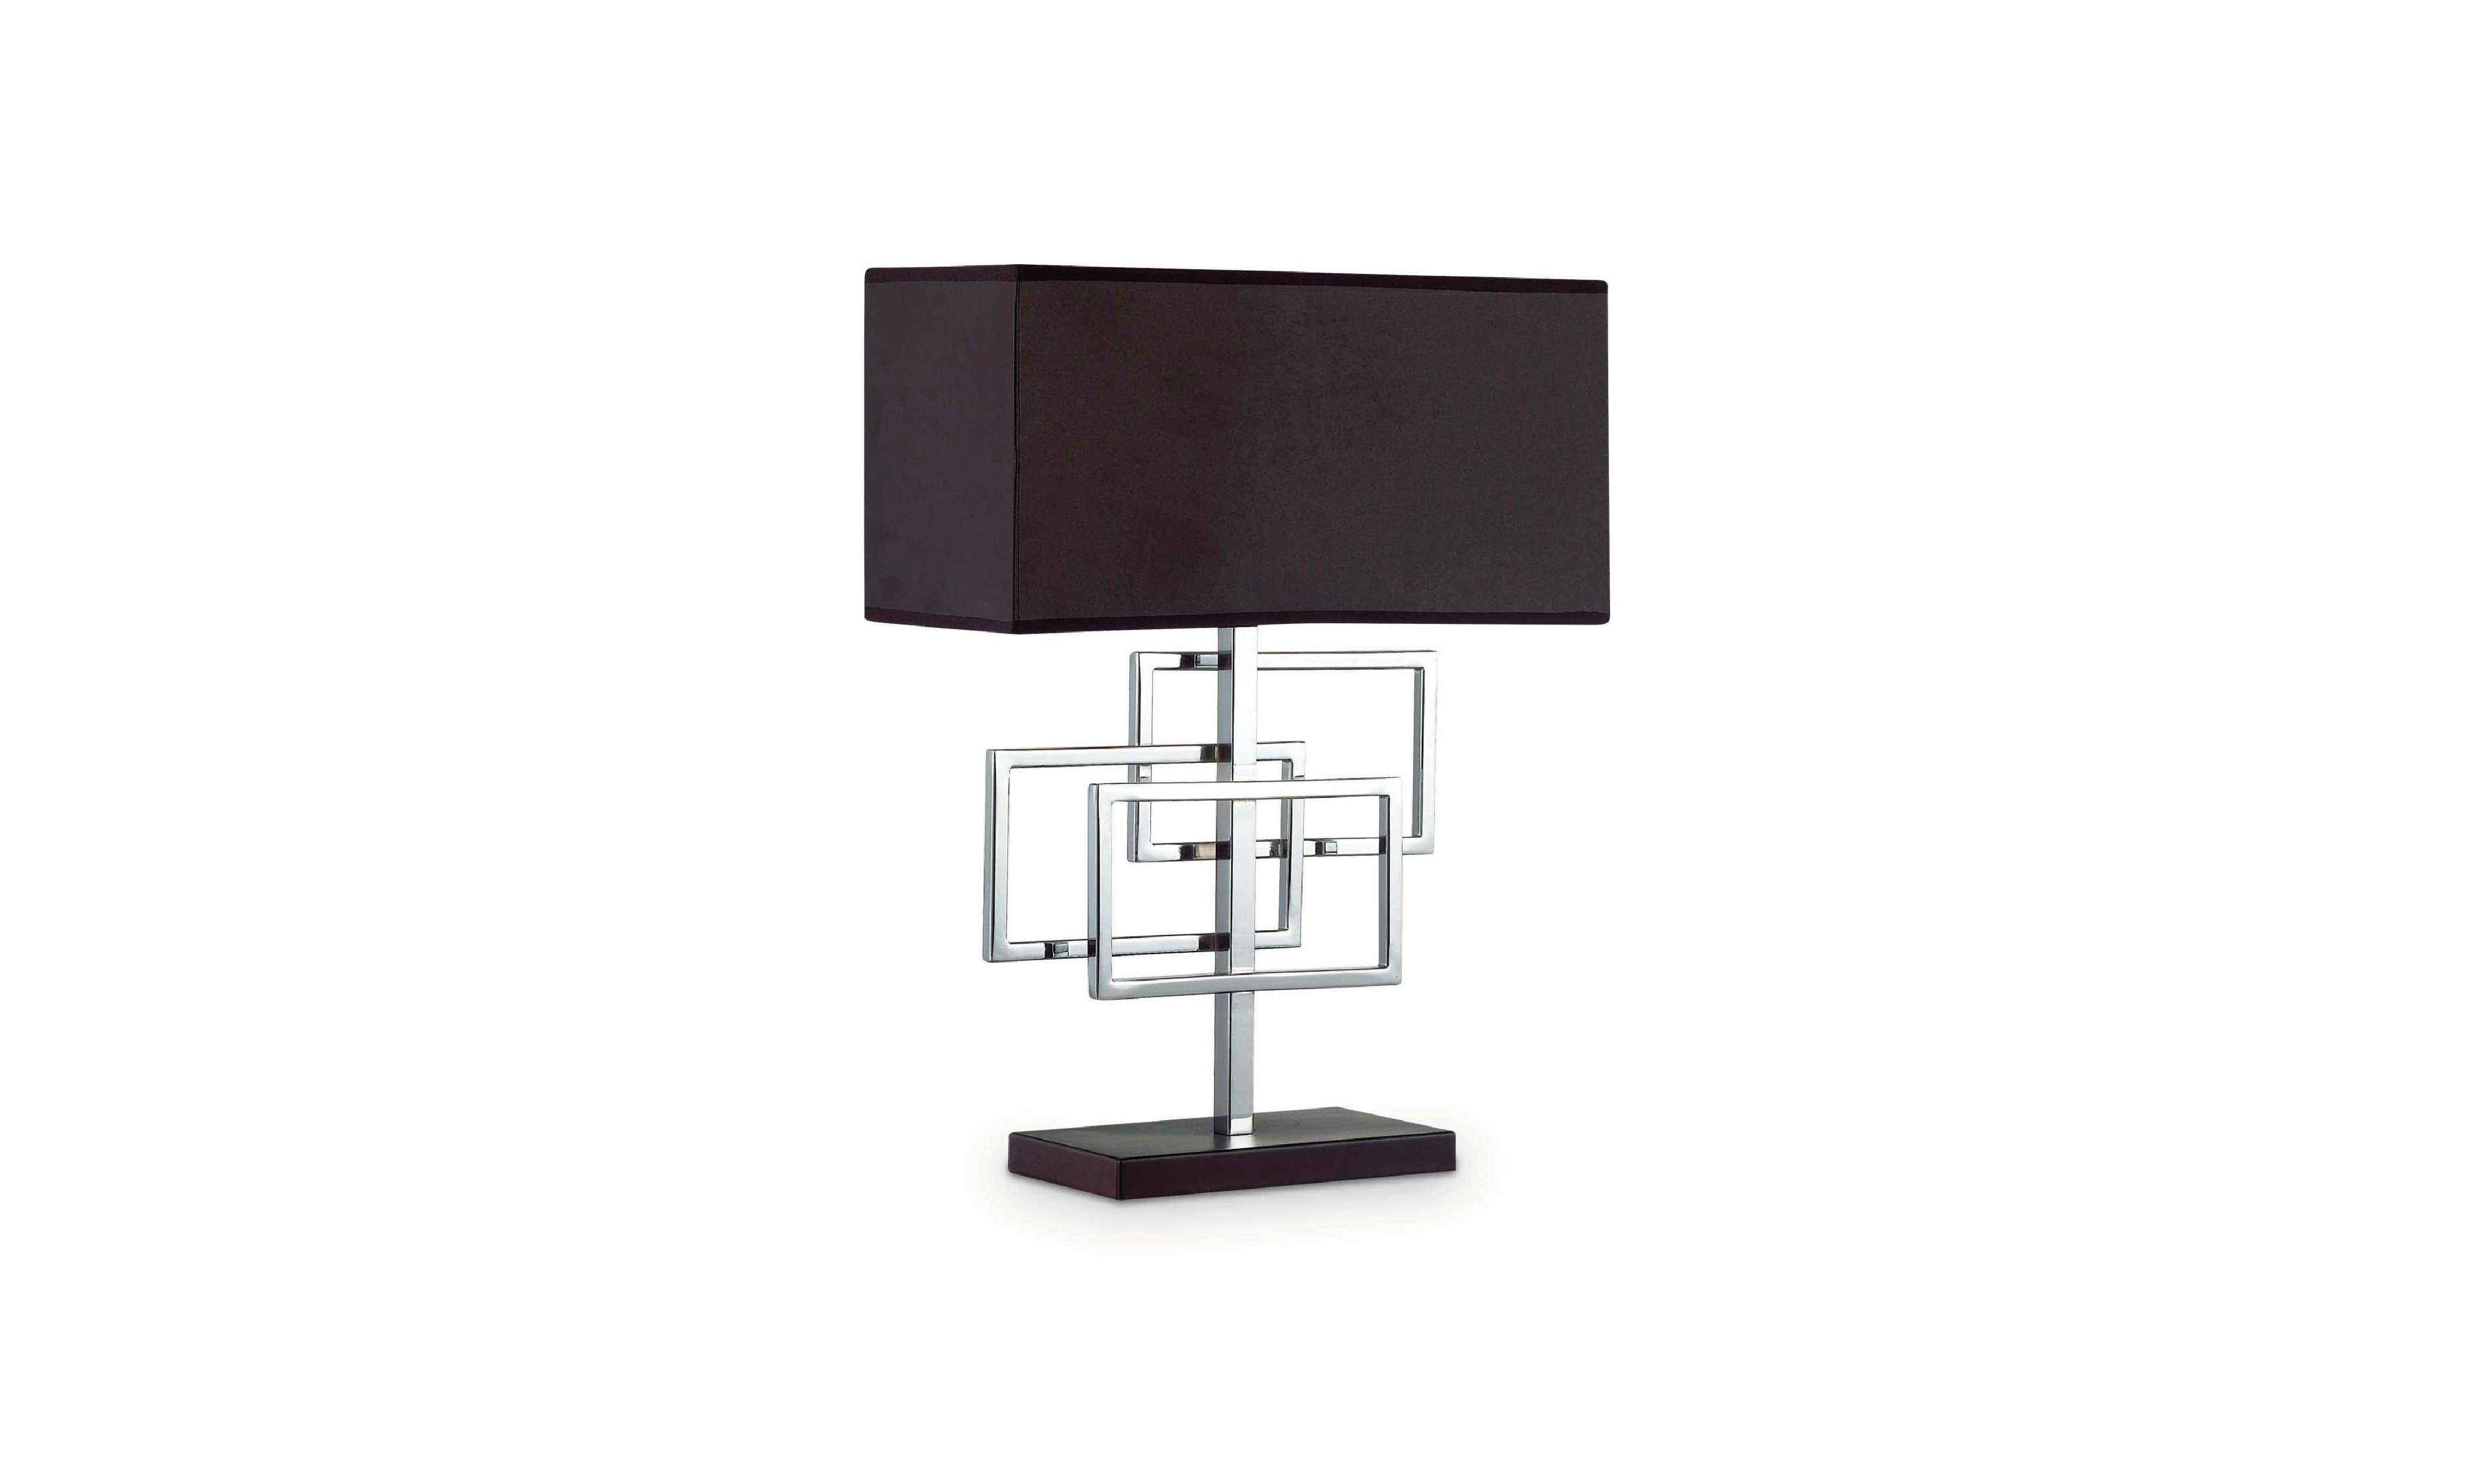 Illuminazione Ideal Lux Tavolo